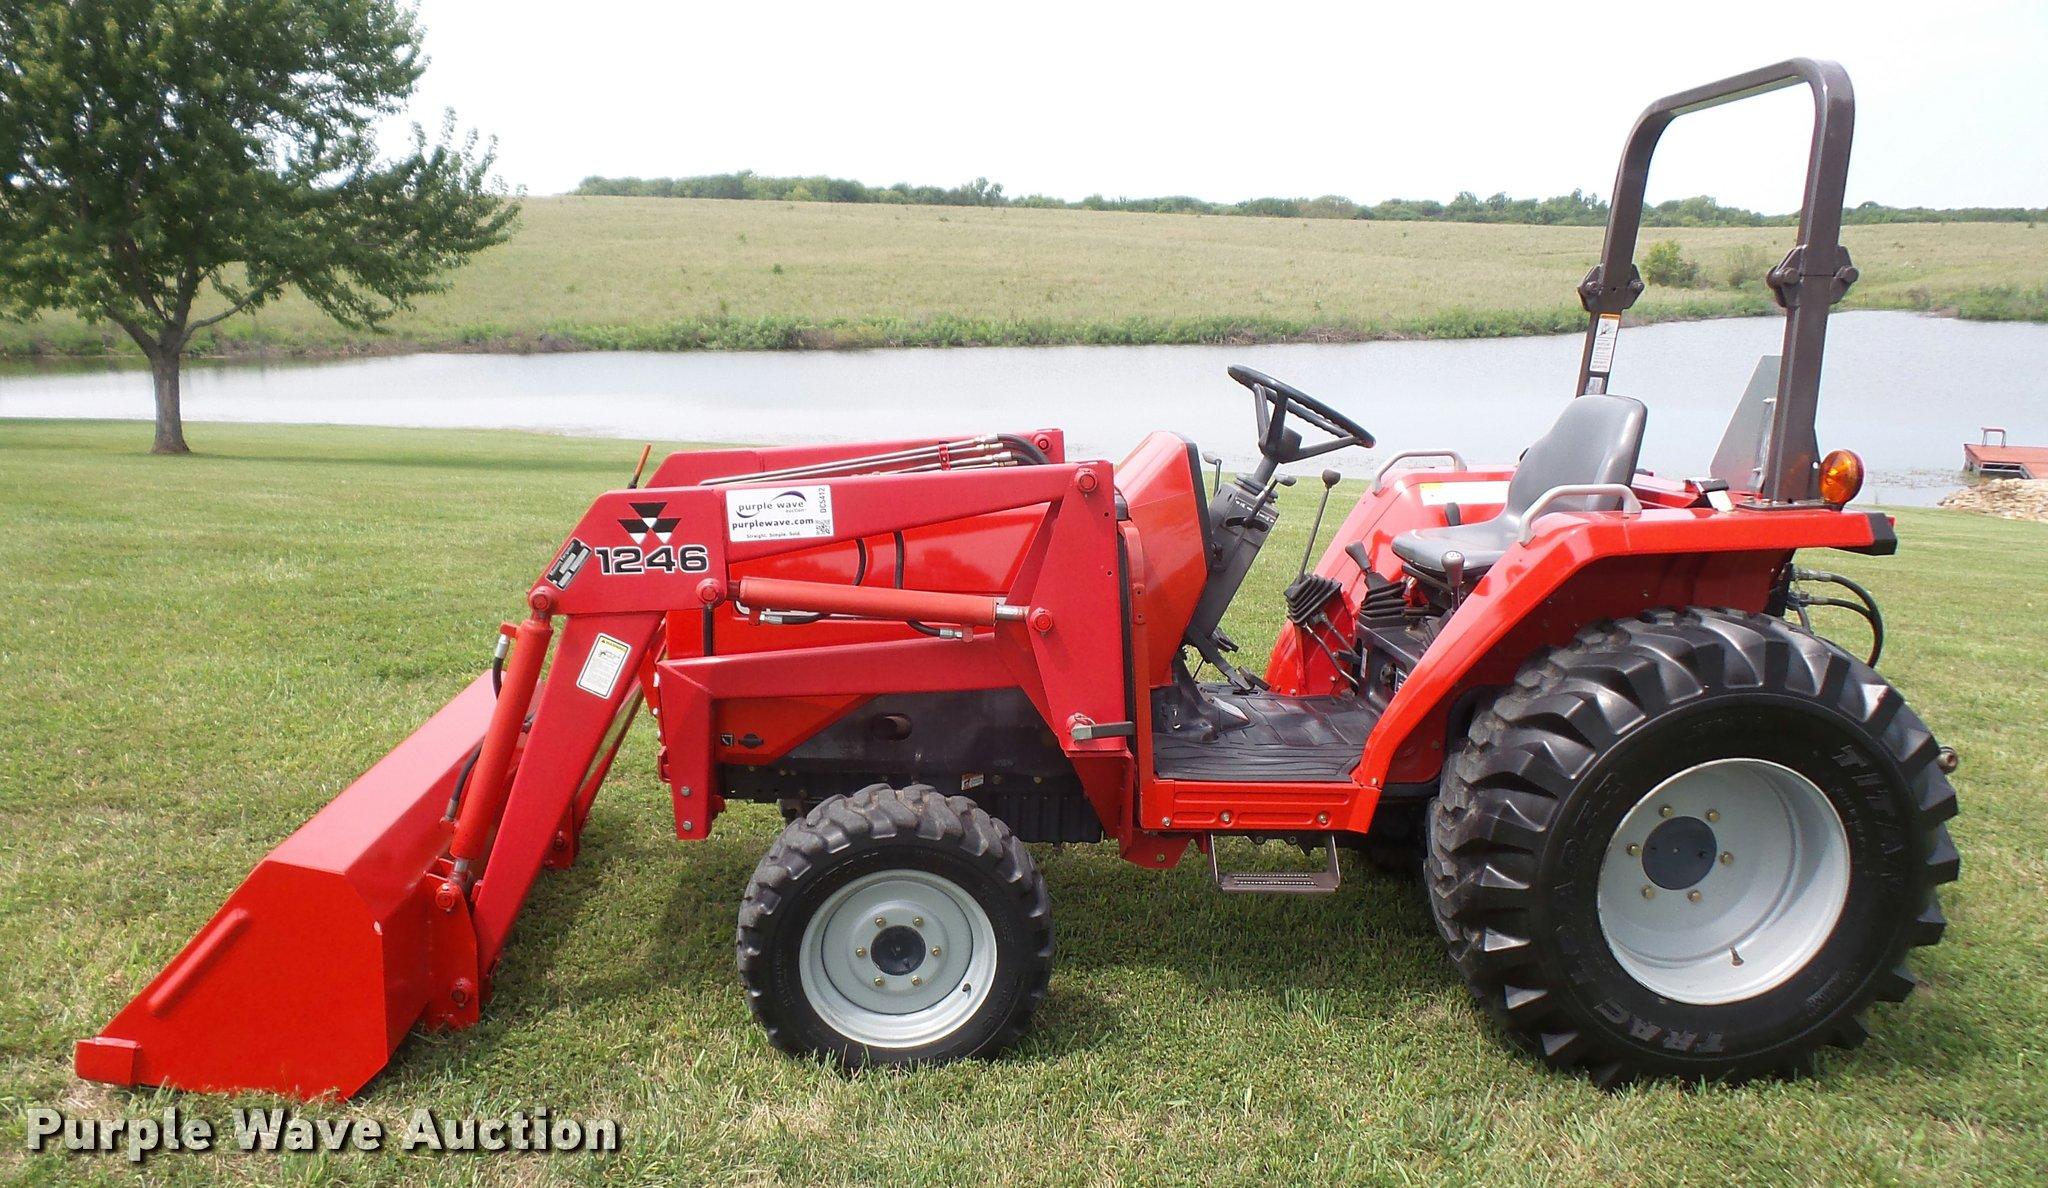 ... Massey-Ferguson 1240 MFWD tractor Full size in new window ...